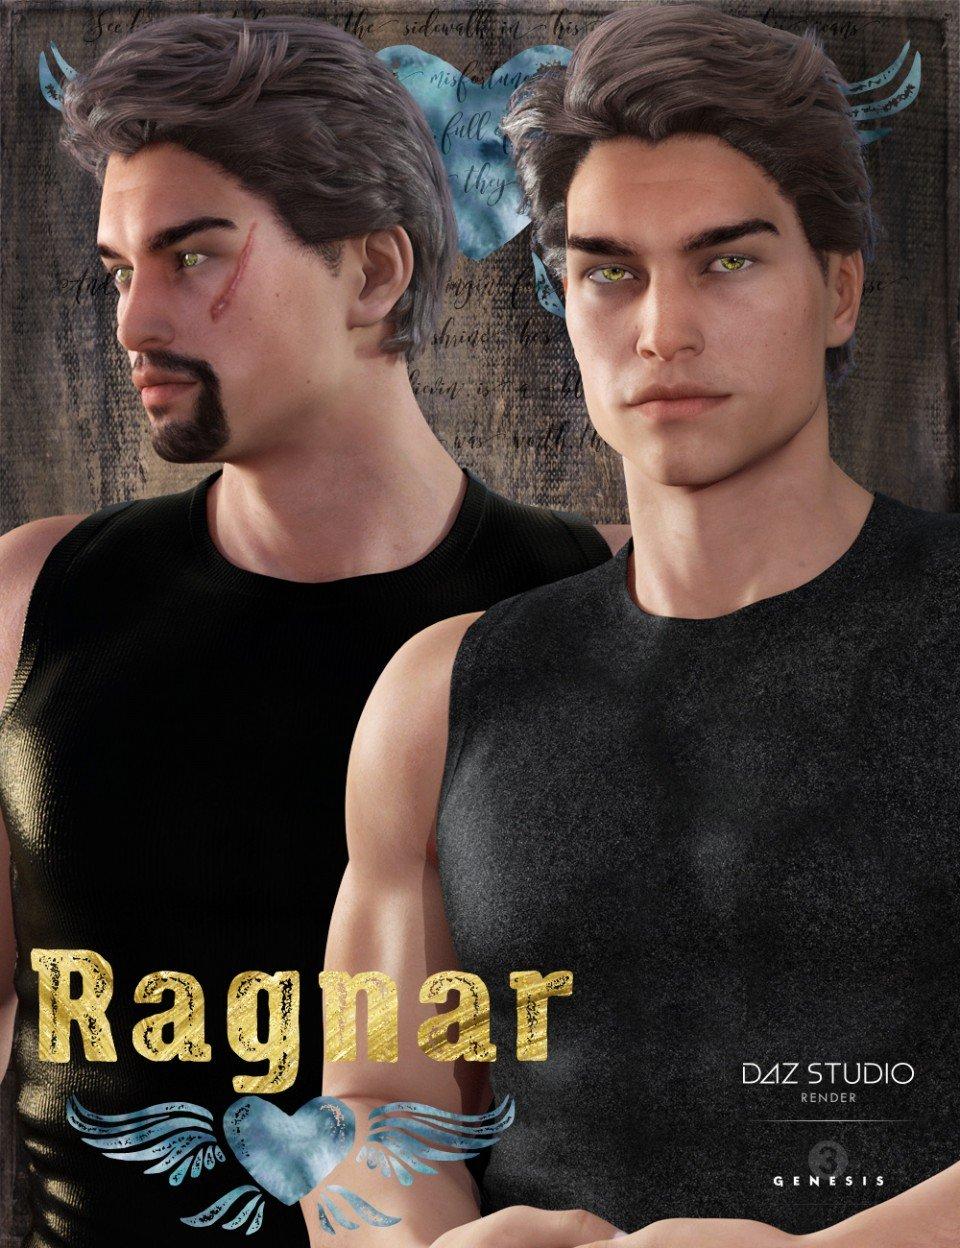 Ragnar Gianni 7_DAZ3D下载站